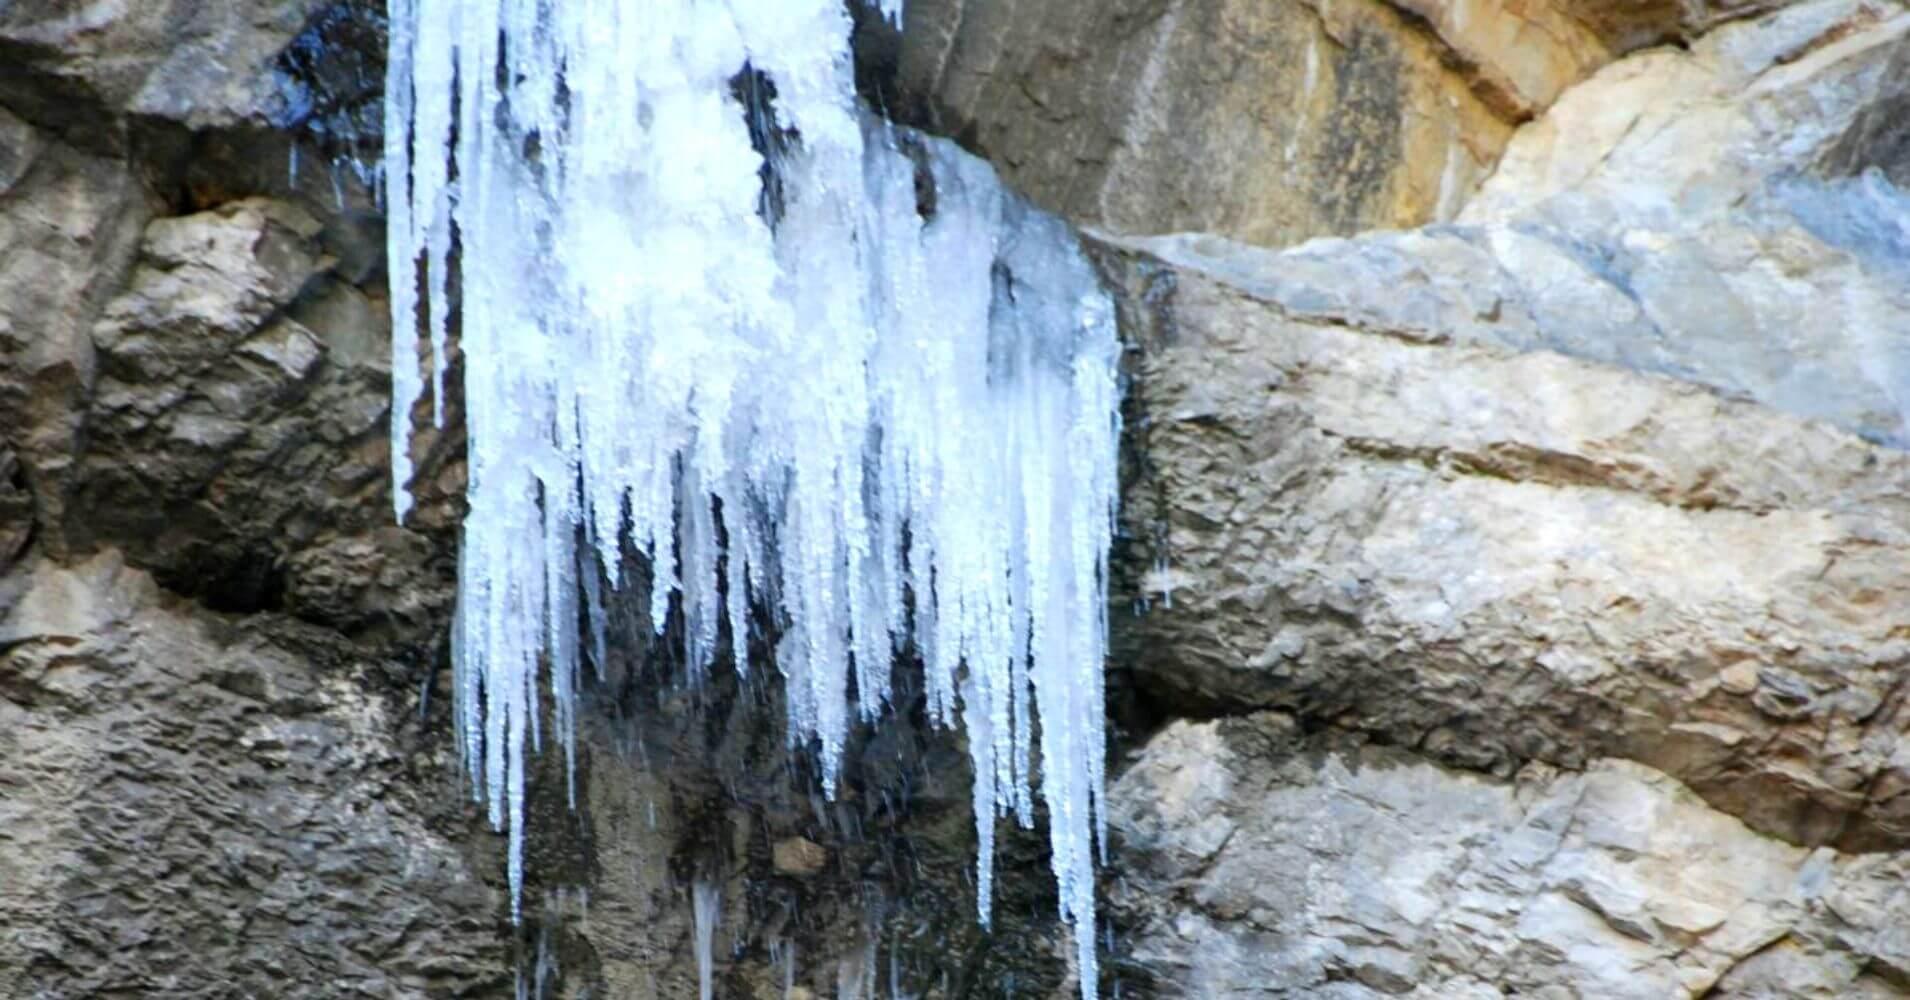 Cascada del Gollorio en invierno. Pelegrina, Guadalajara. Castilla la Mancha.